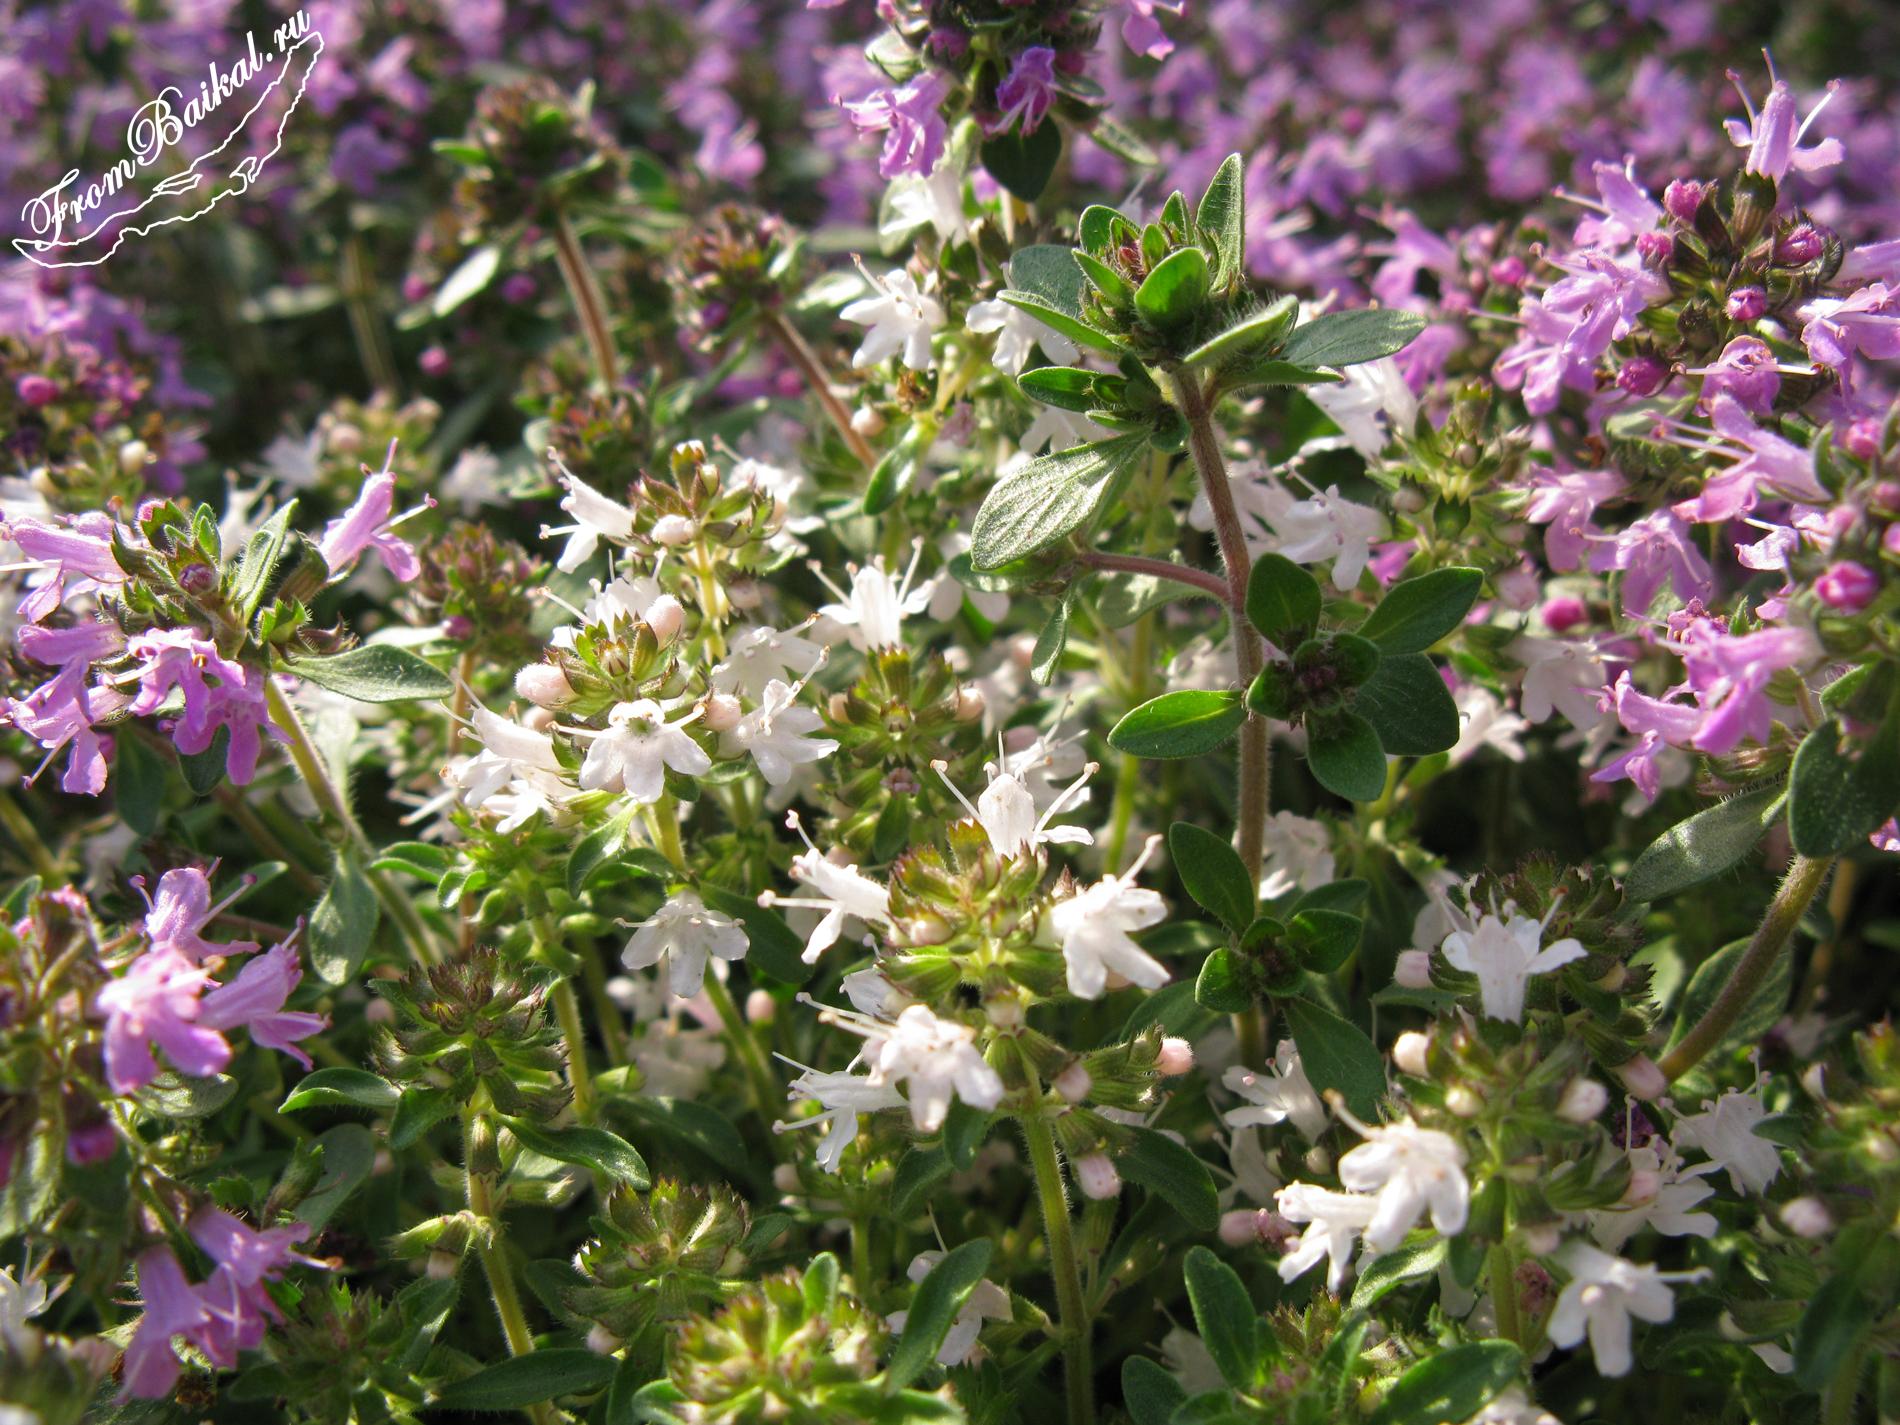 Чабрец (тимьян, богородская трава) - Thymus (сем. Яснотковые)